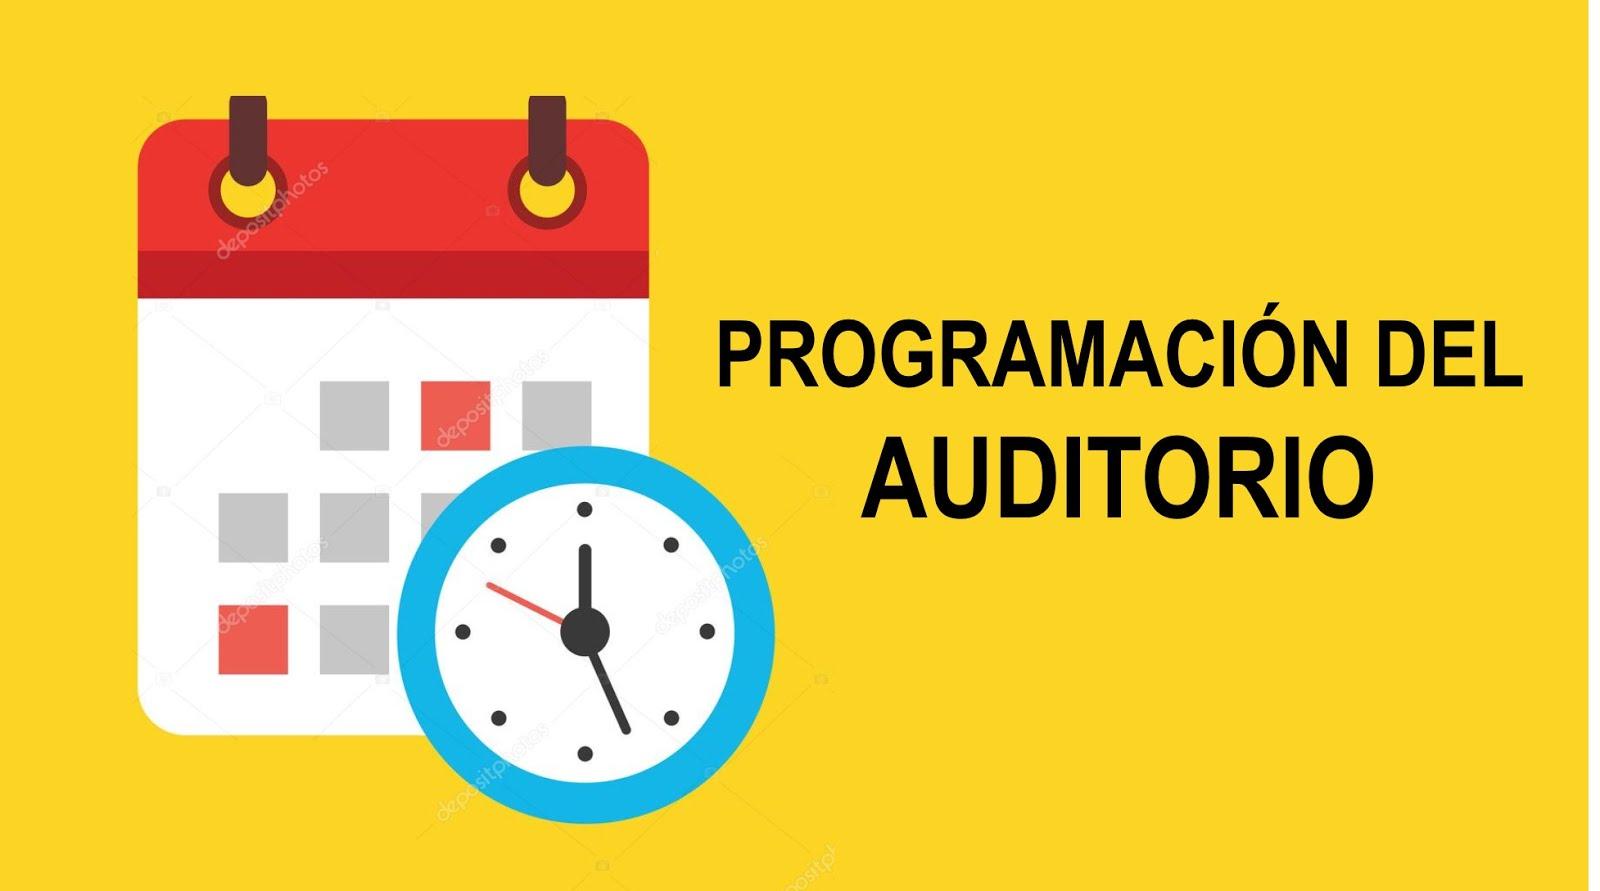 Programación del Auditorio